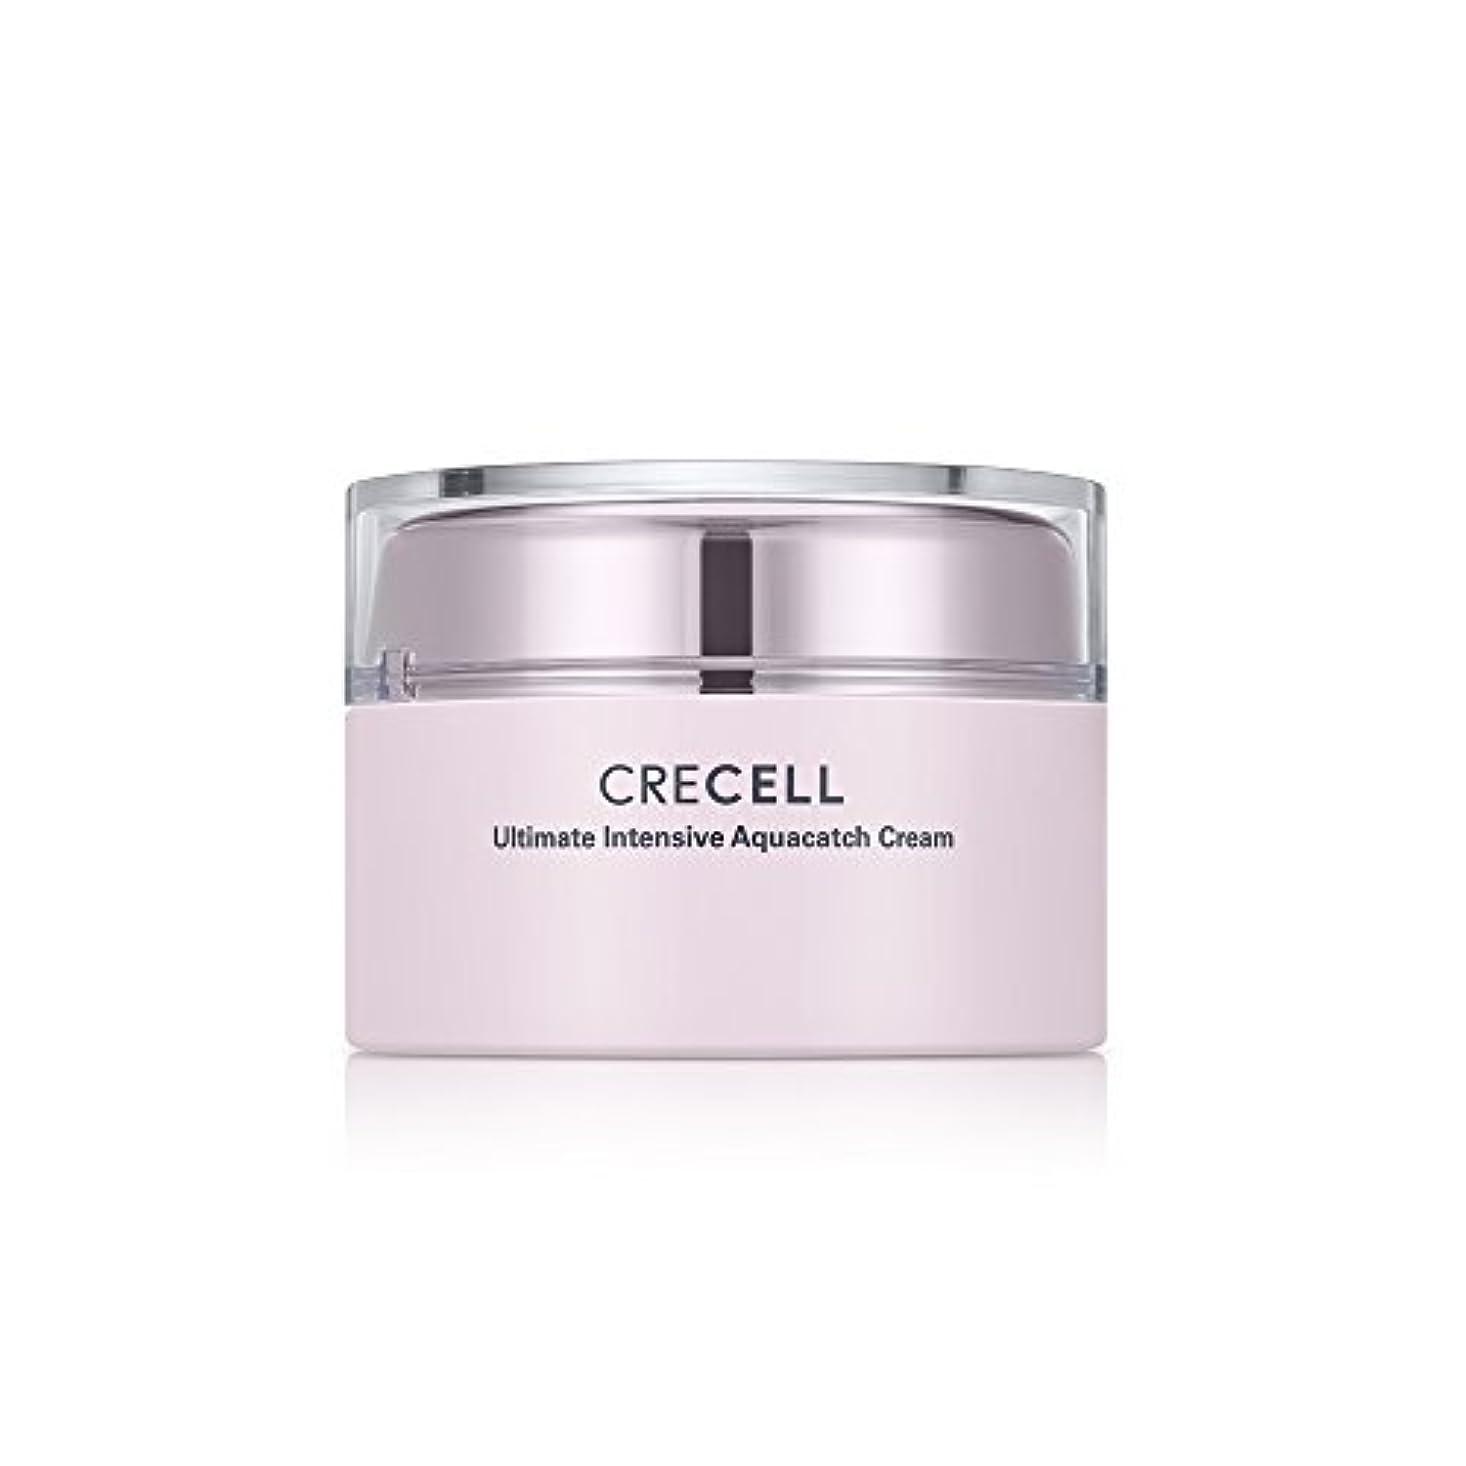 変換する生活雰囲気CRECELL Ultimate Intensive Aquacatch Cream【クレセルアルティメットアクアキャッチクリーム】すべての肌タイプ クリーム 皮膚の水分と油分を補い保つ 韓国コスメ 50g